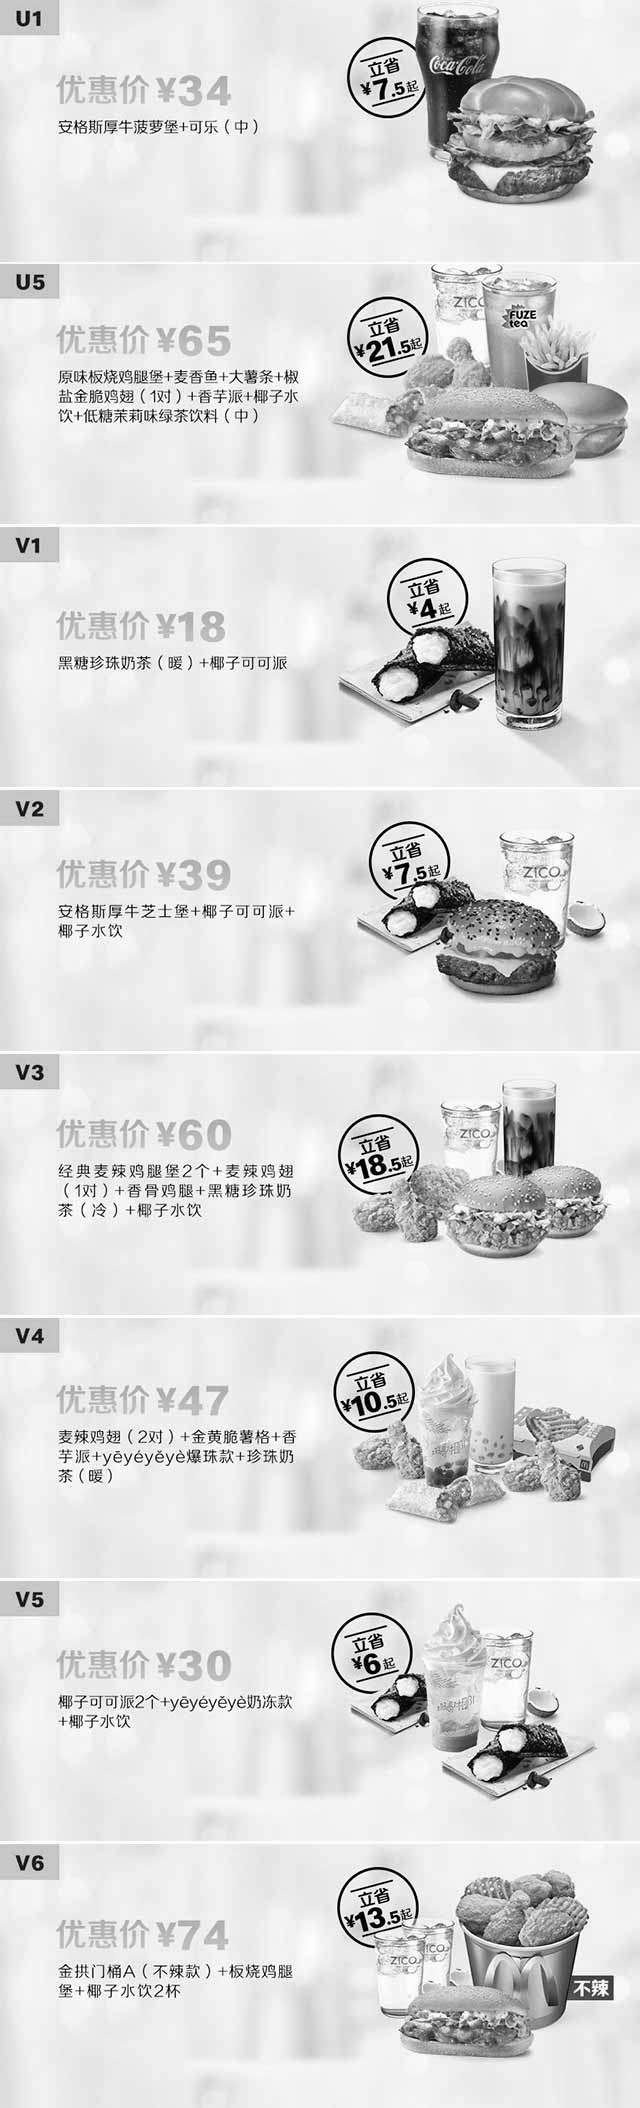 黑白优惠券图片:麦当劳2019年10月30日至11月26日优惠券手机版整张版本,点餐出示或报优惠码享优惠 - www.5ikfc.com